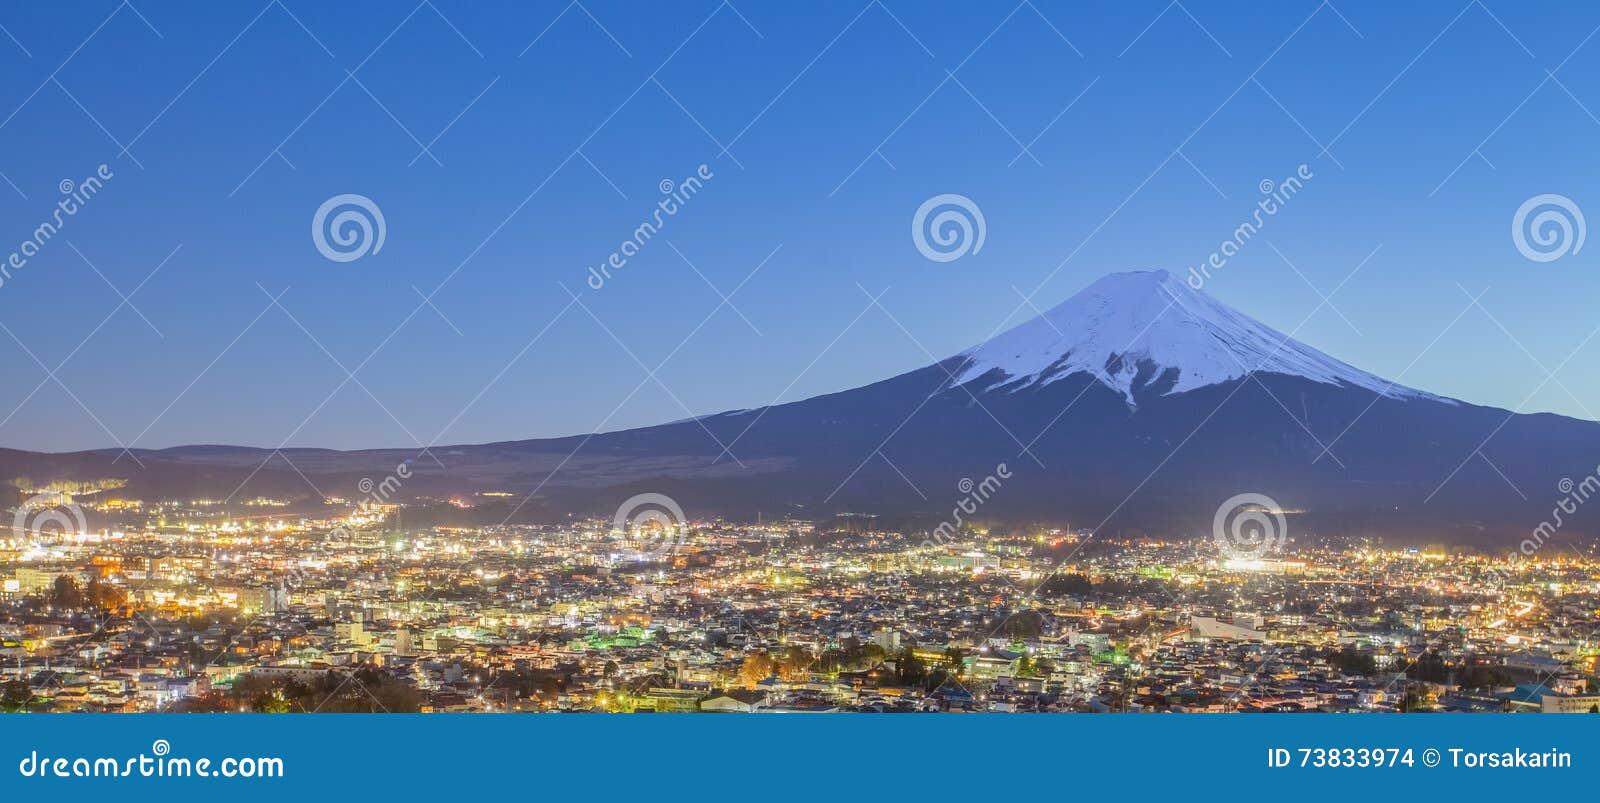 夜间的吉田市镇与富士山